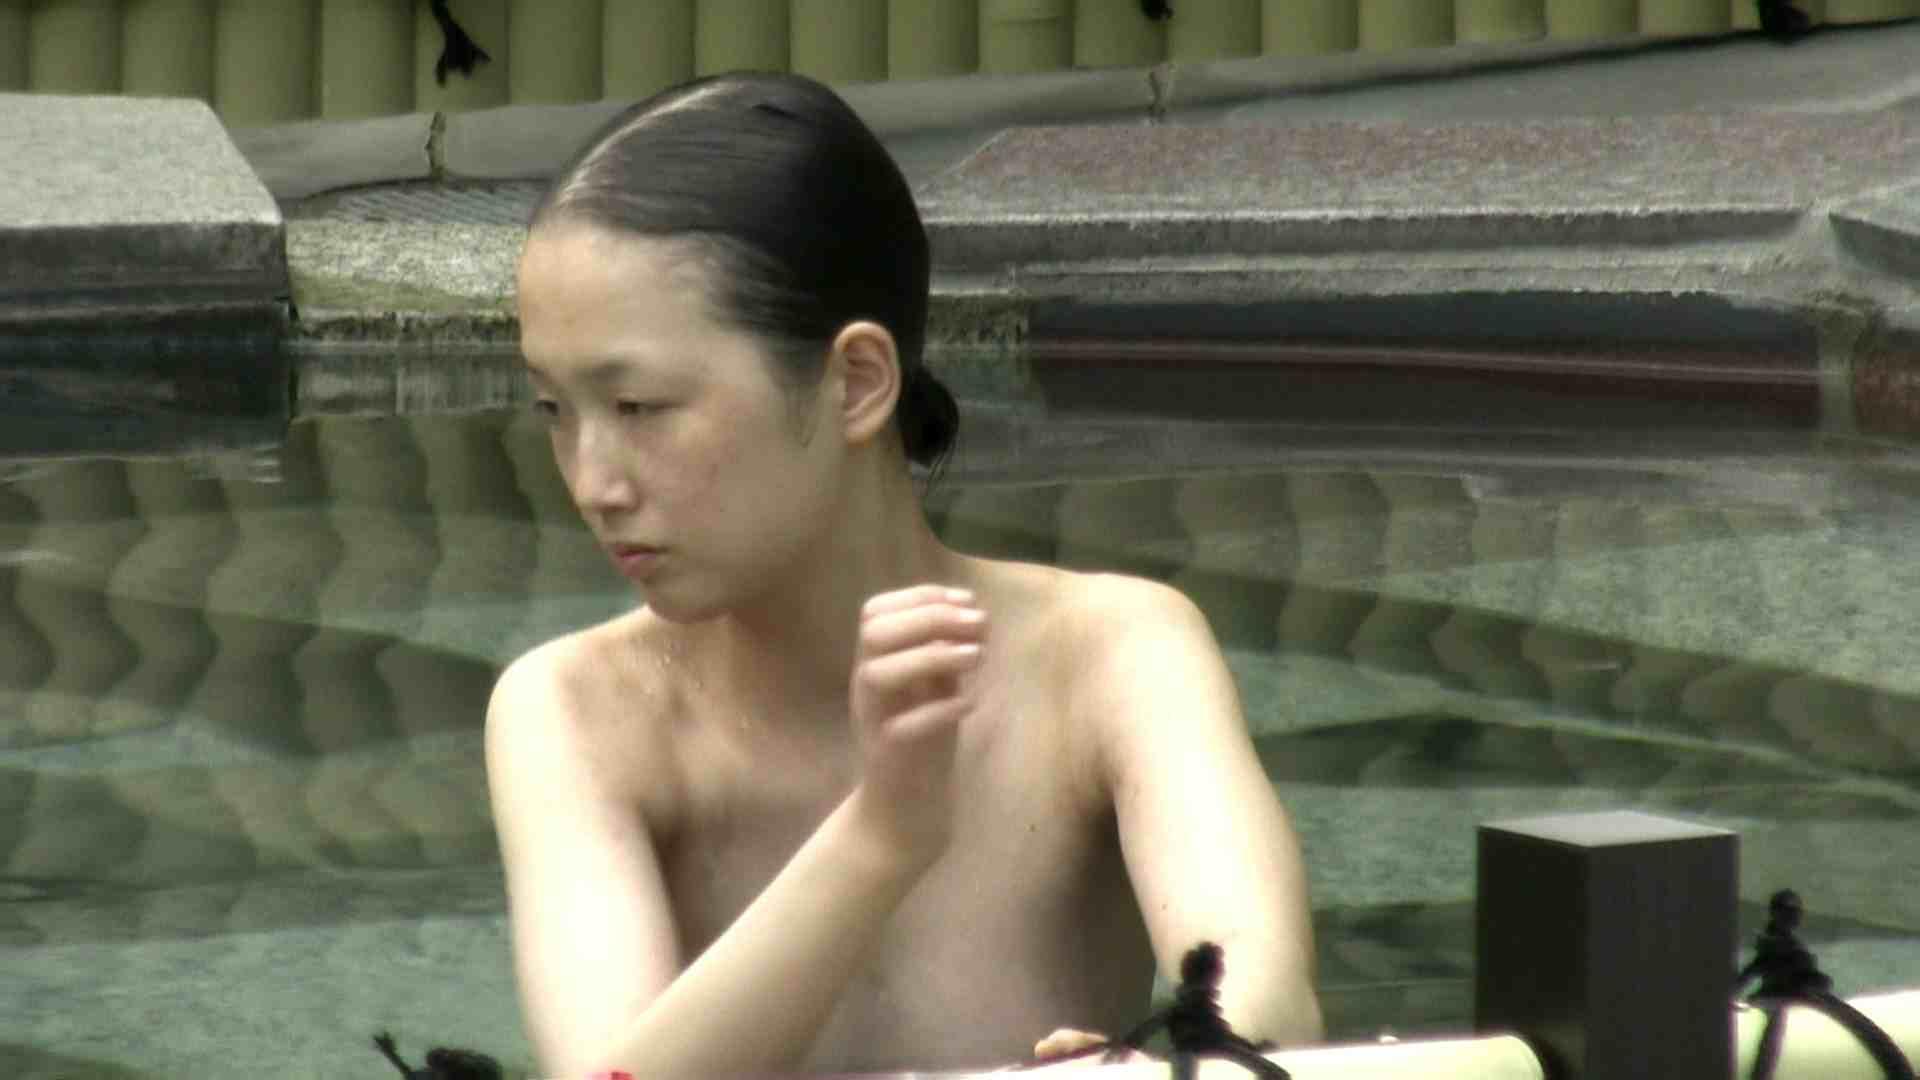 Aquaな露天風呂Vol.661 露天風呂  85連発 30